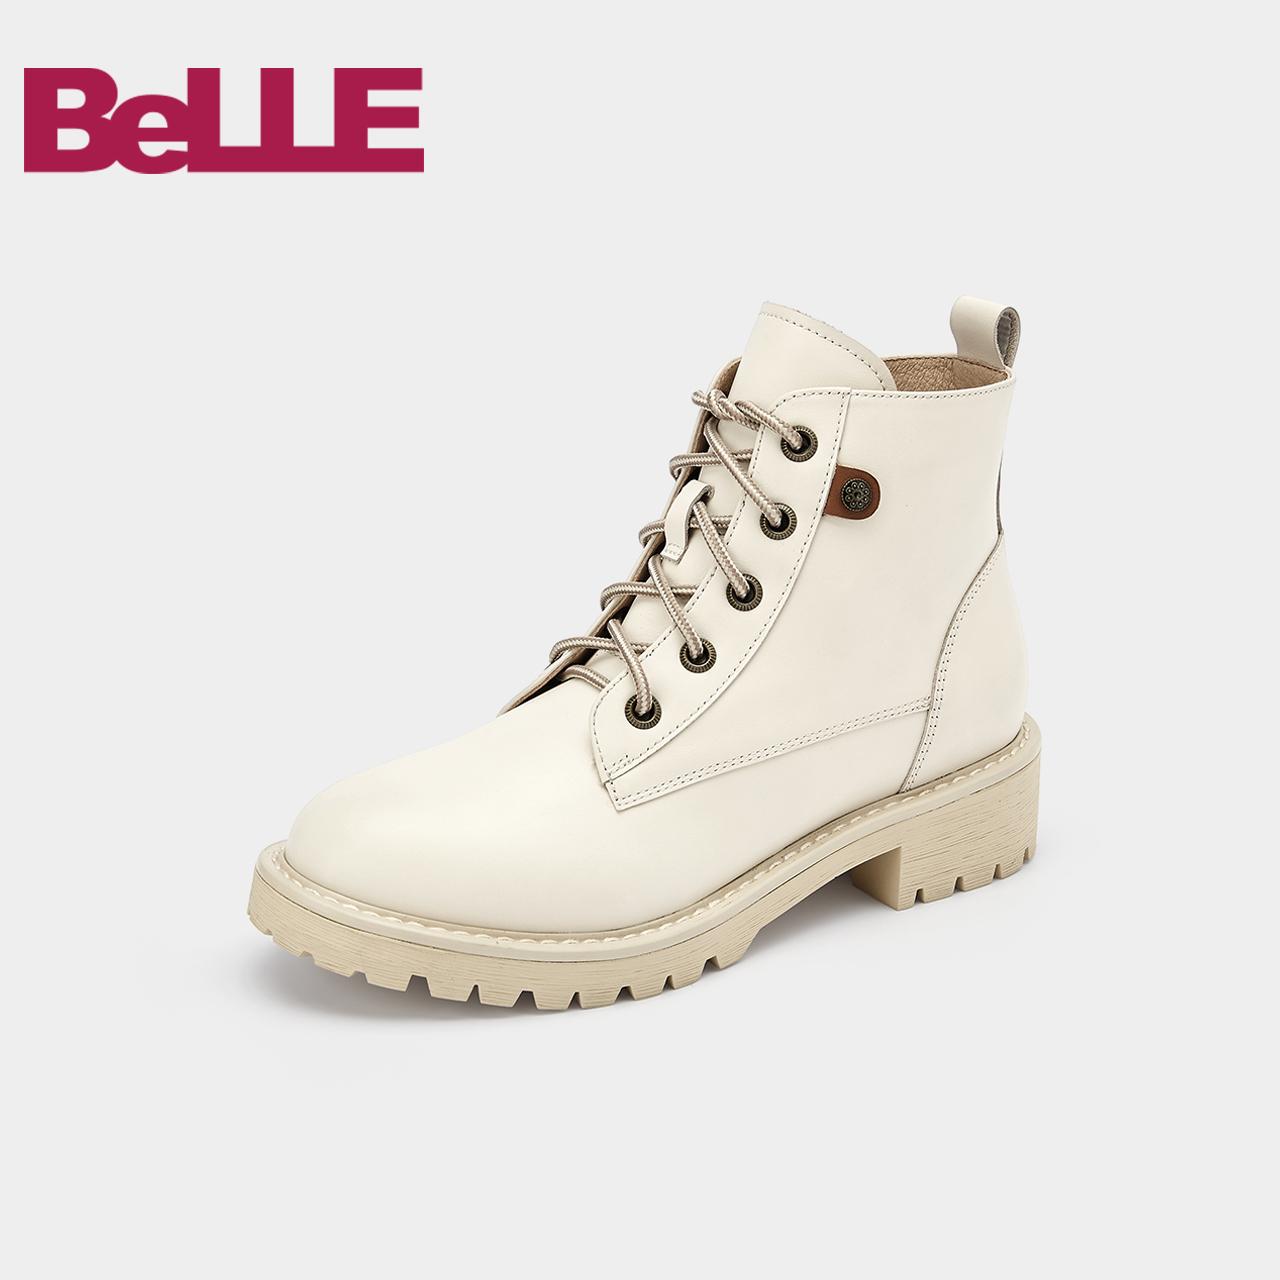 BZTB5DD9 冬新商场同款侧拉链短靴 2019 百丽马丁靴女英伦风 预售